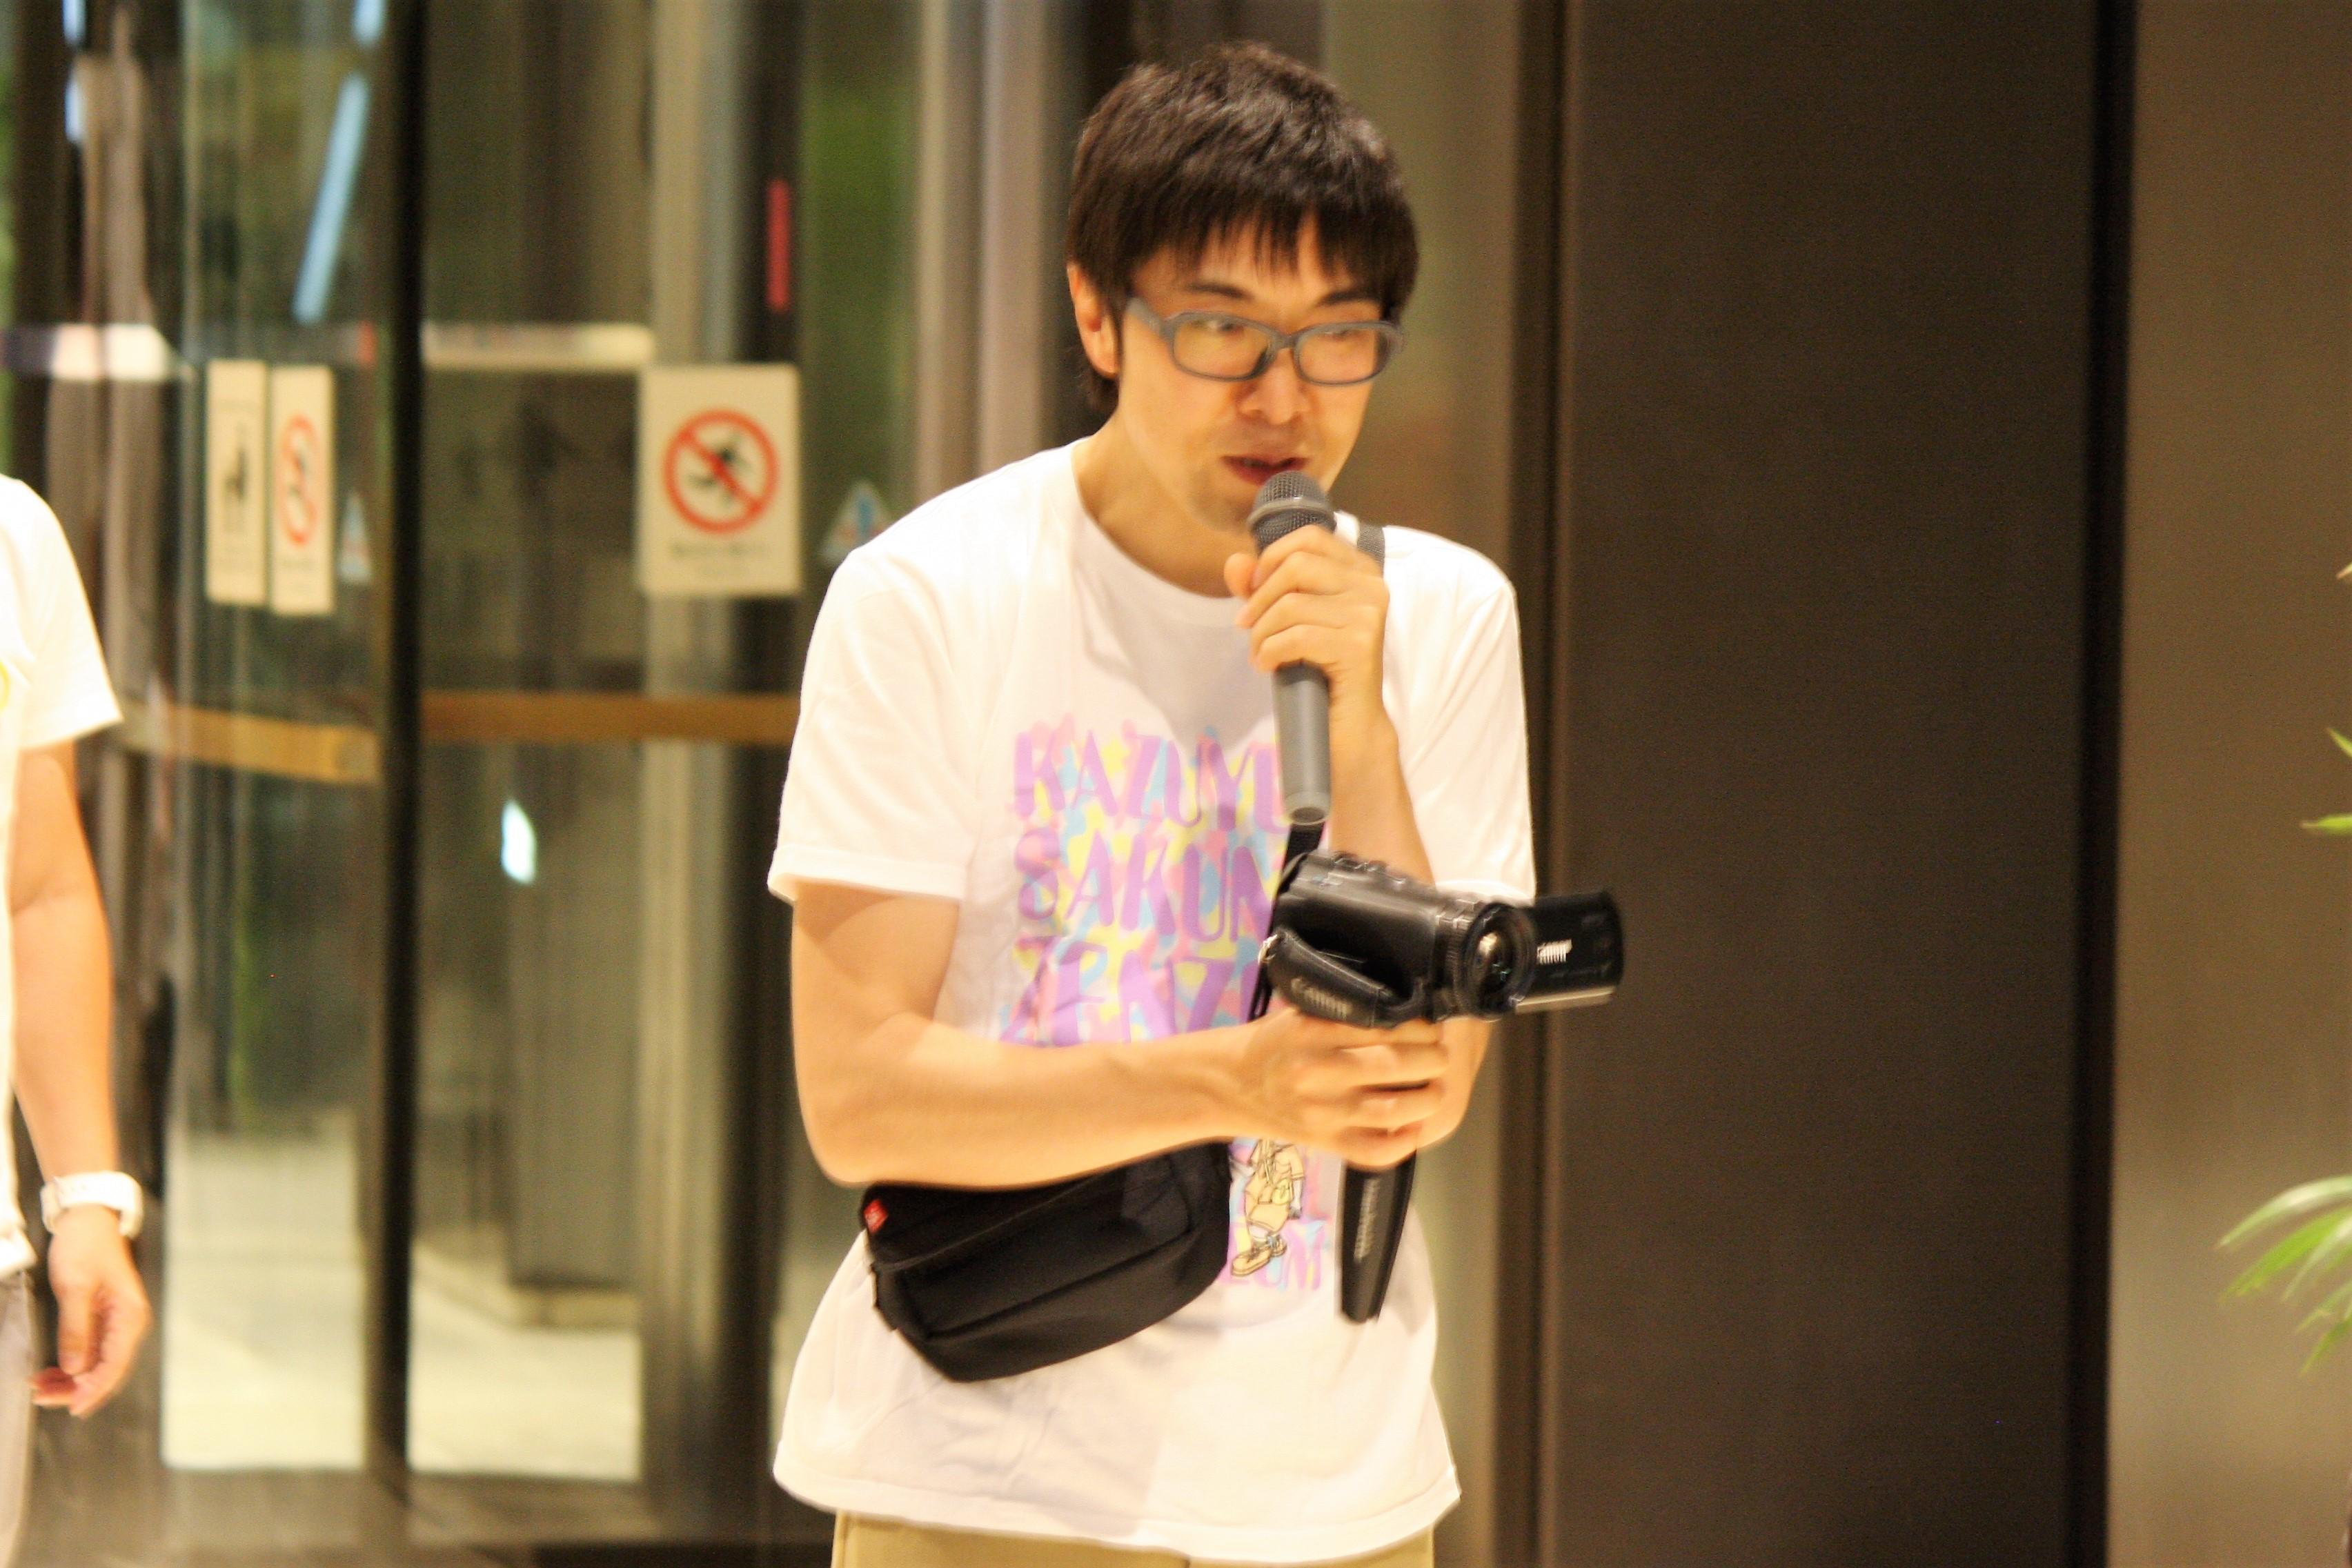 http://news.yoshimoto.co.jp/20180810232920-191668573b61c8a333e8cd90bb91a6aec4b034fb.jpg